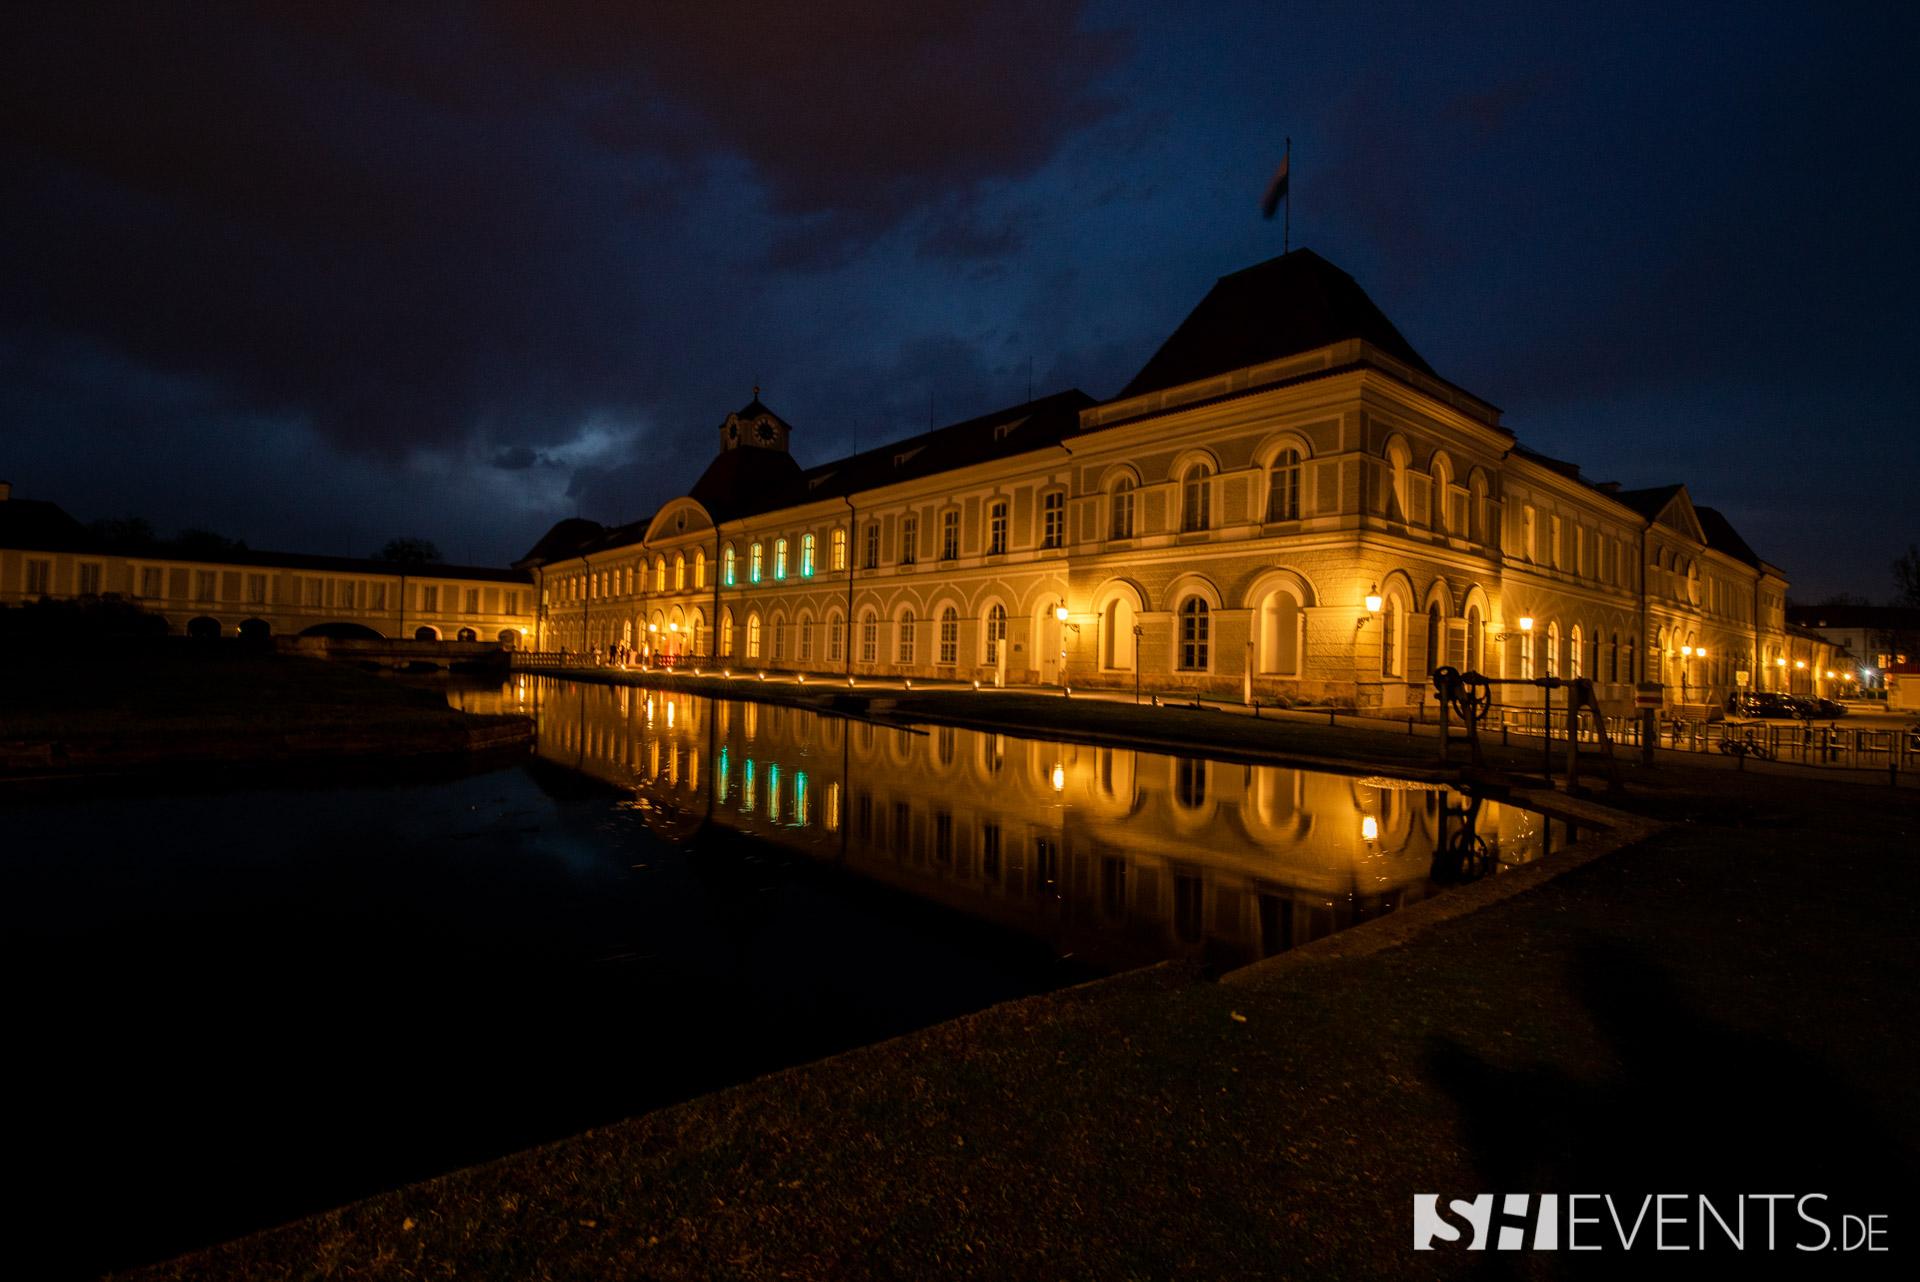 Beleuchtetes Schloss bei Nacht